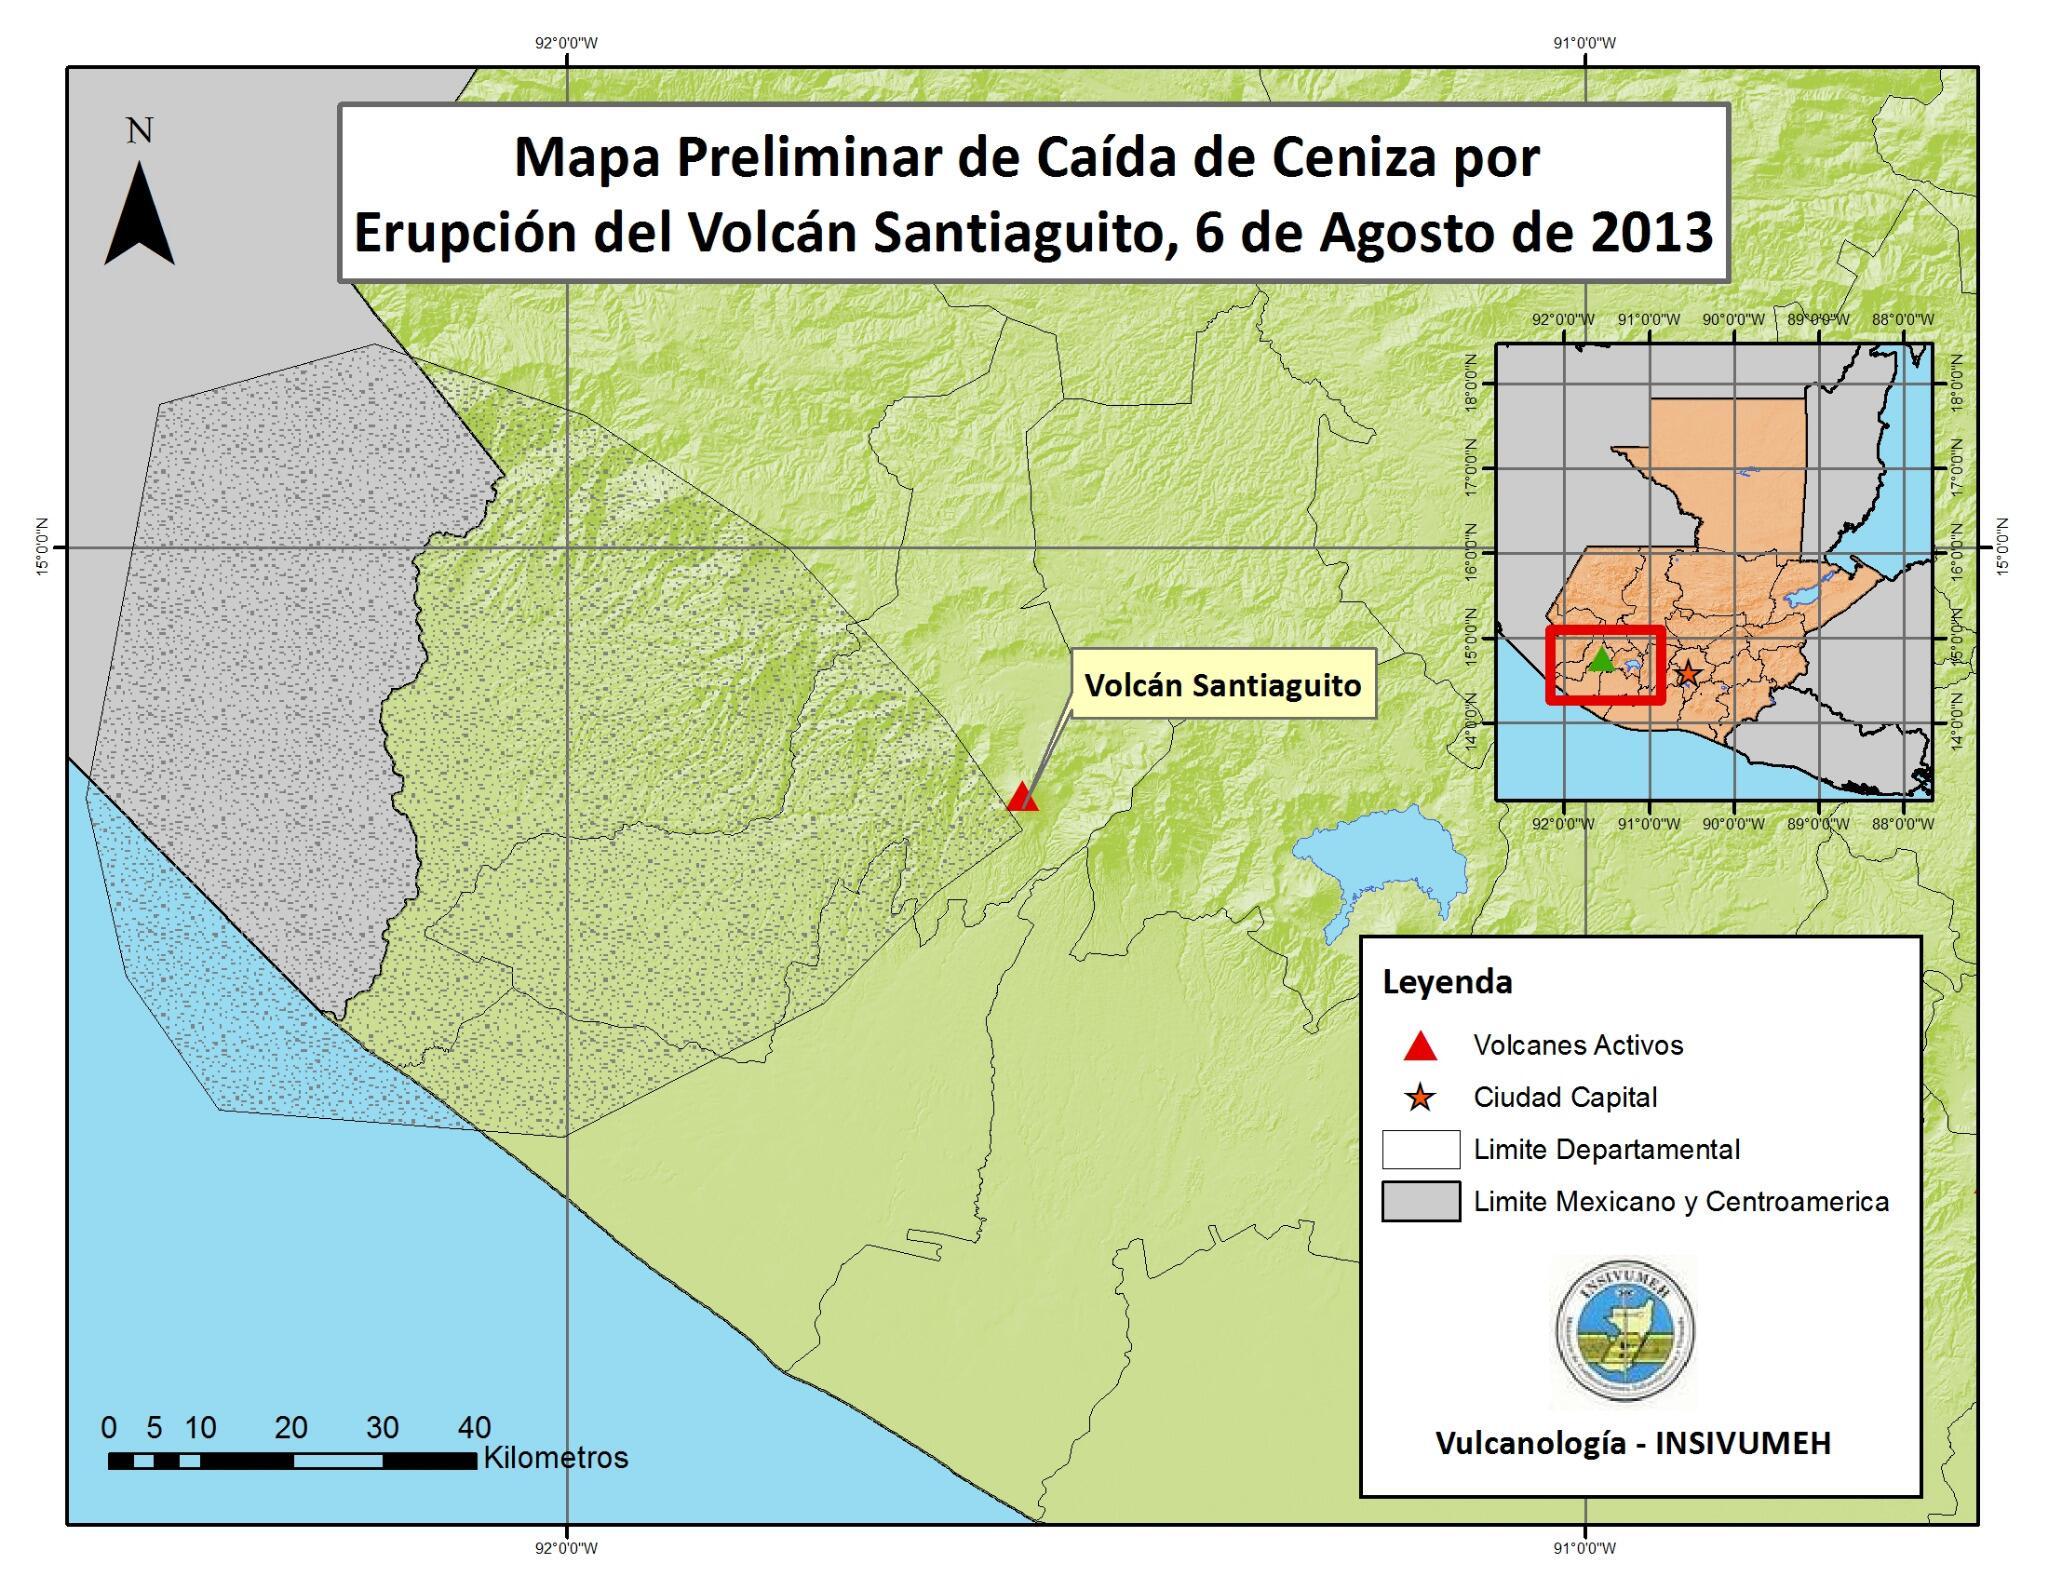 Carte des chutes de cendres du volcan Santiaguito, 06 août 2013